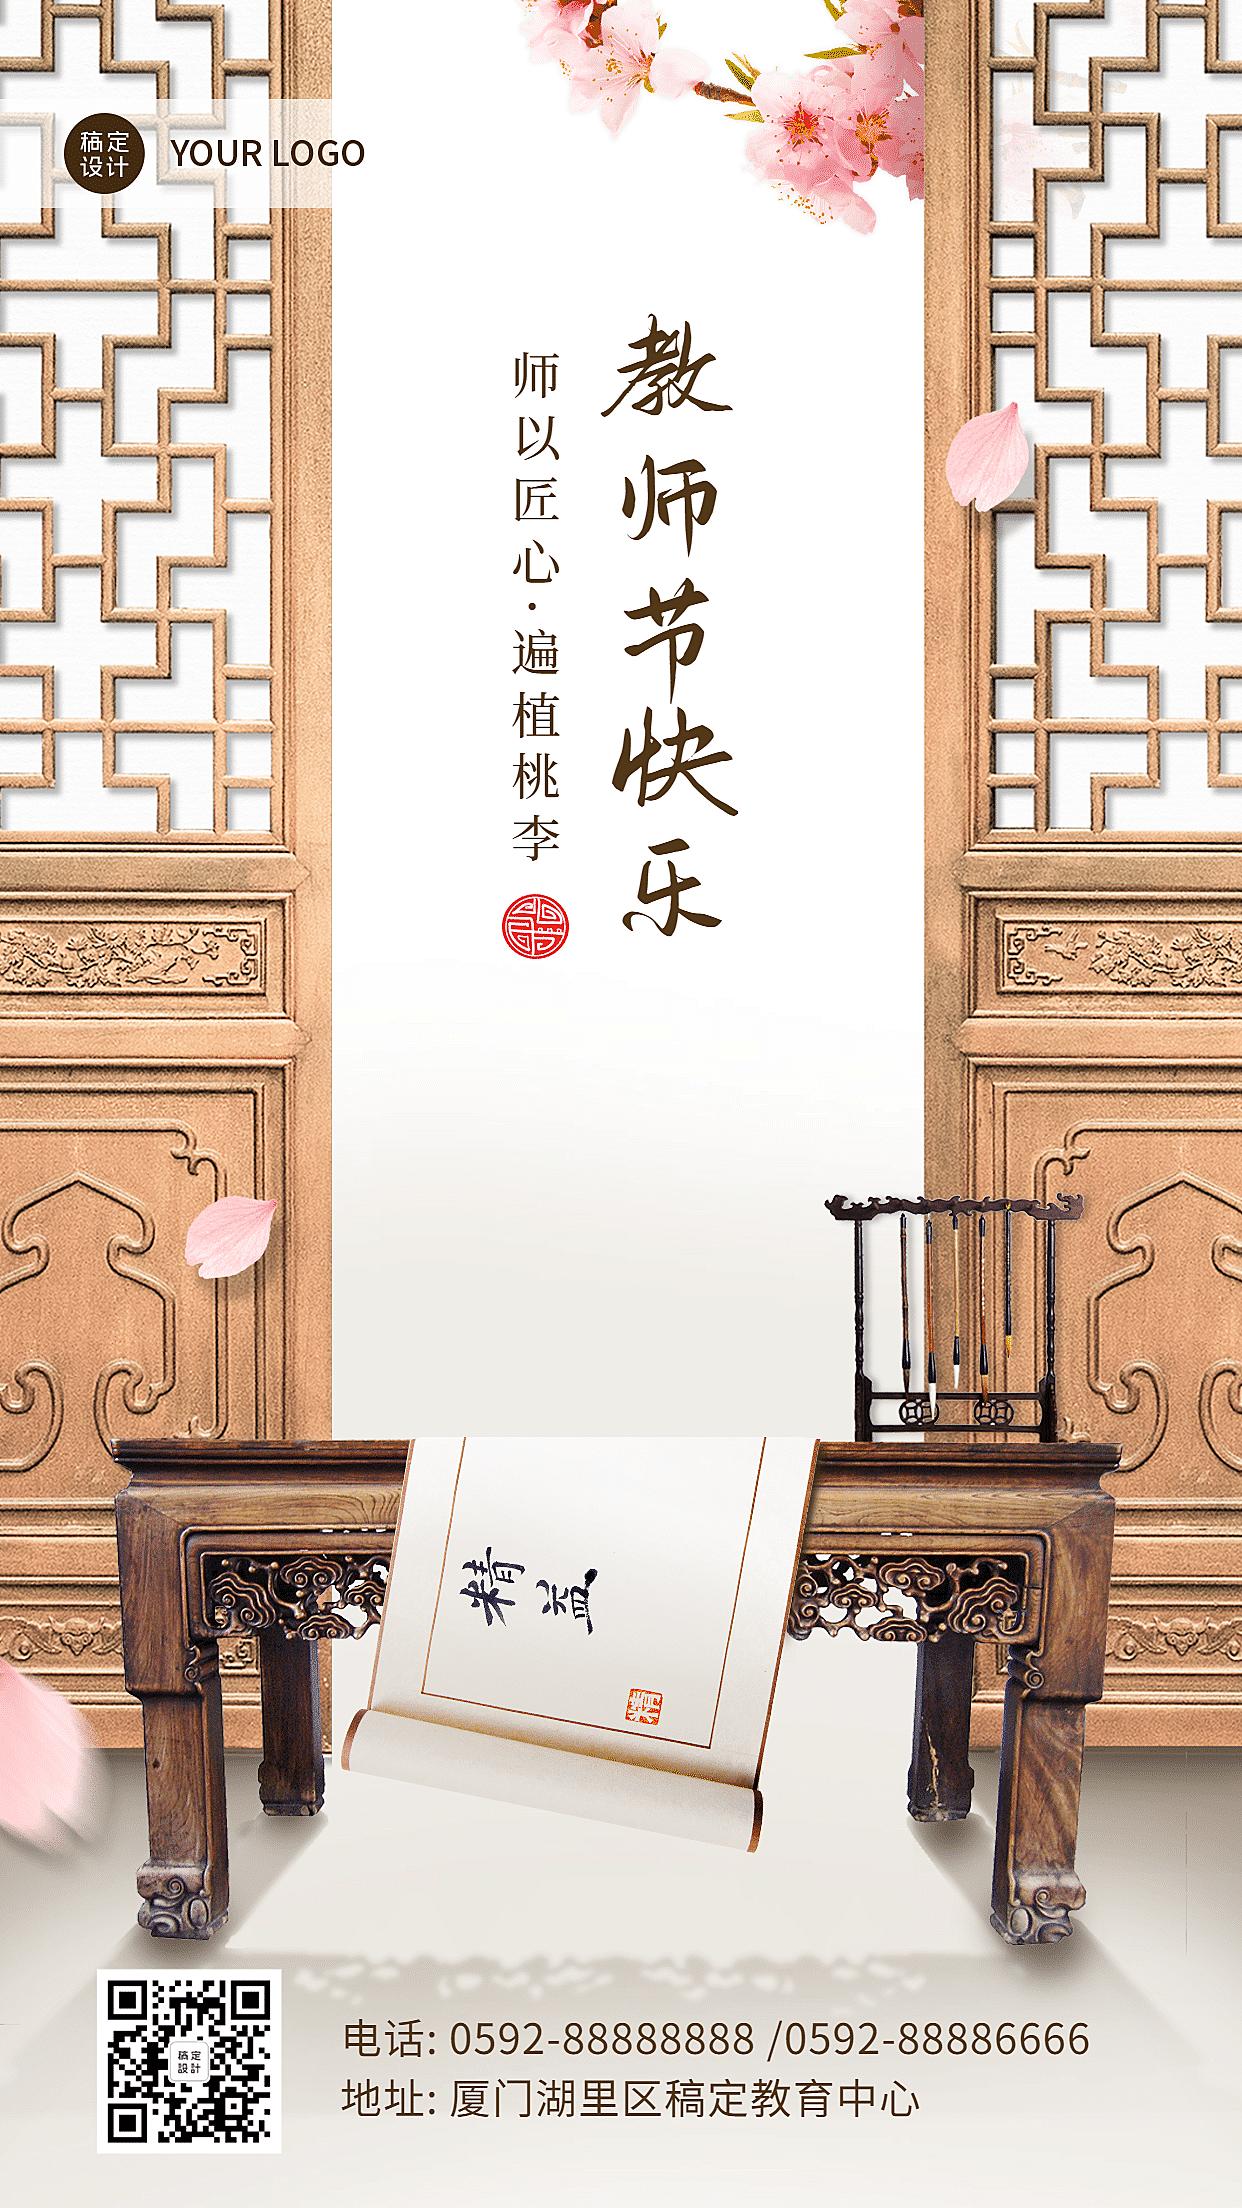 教师节祝福实景手机海报